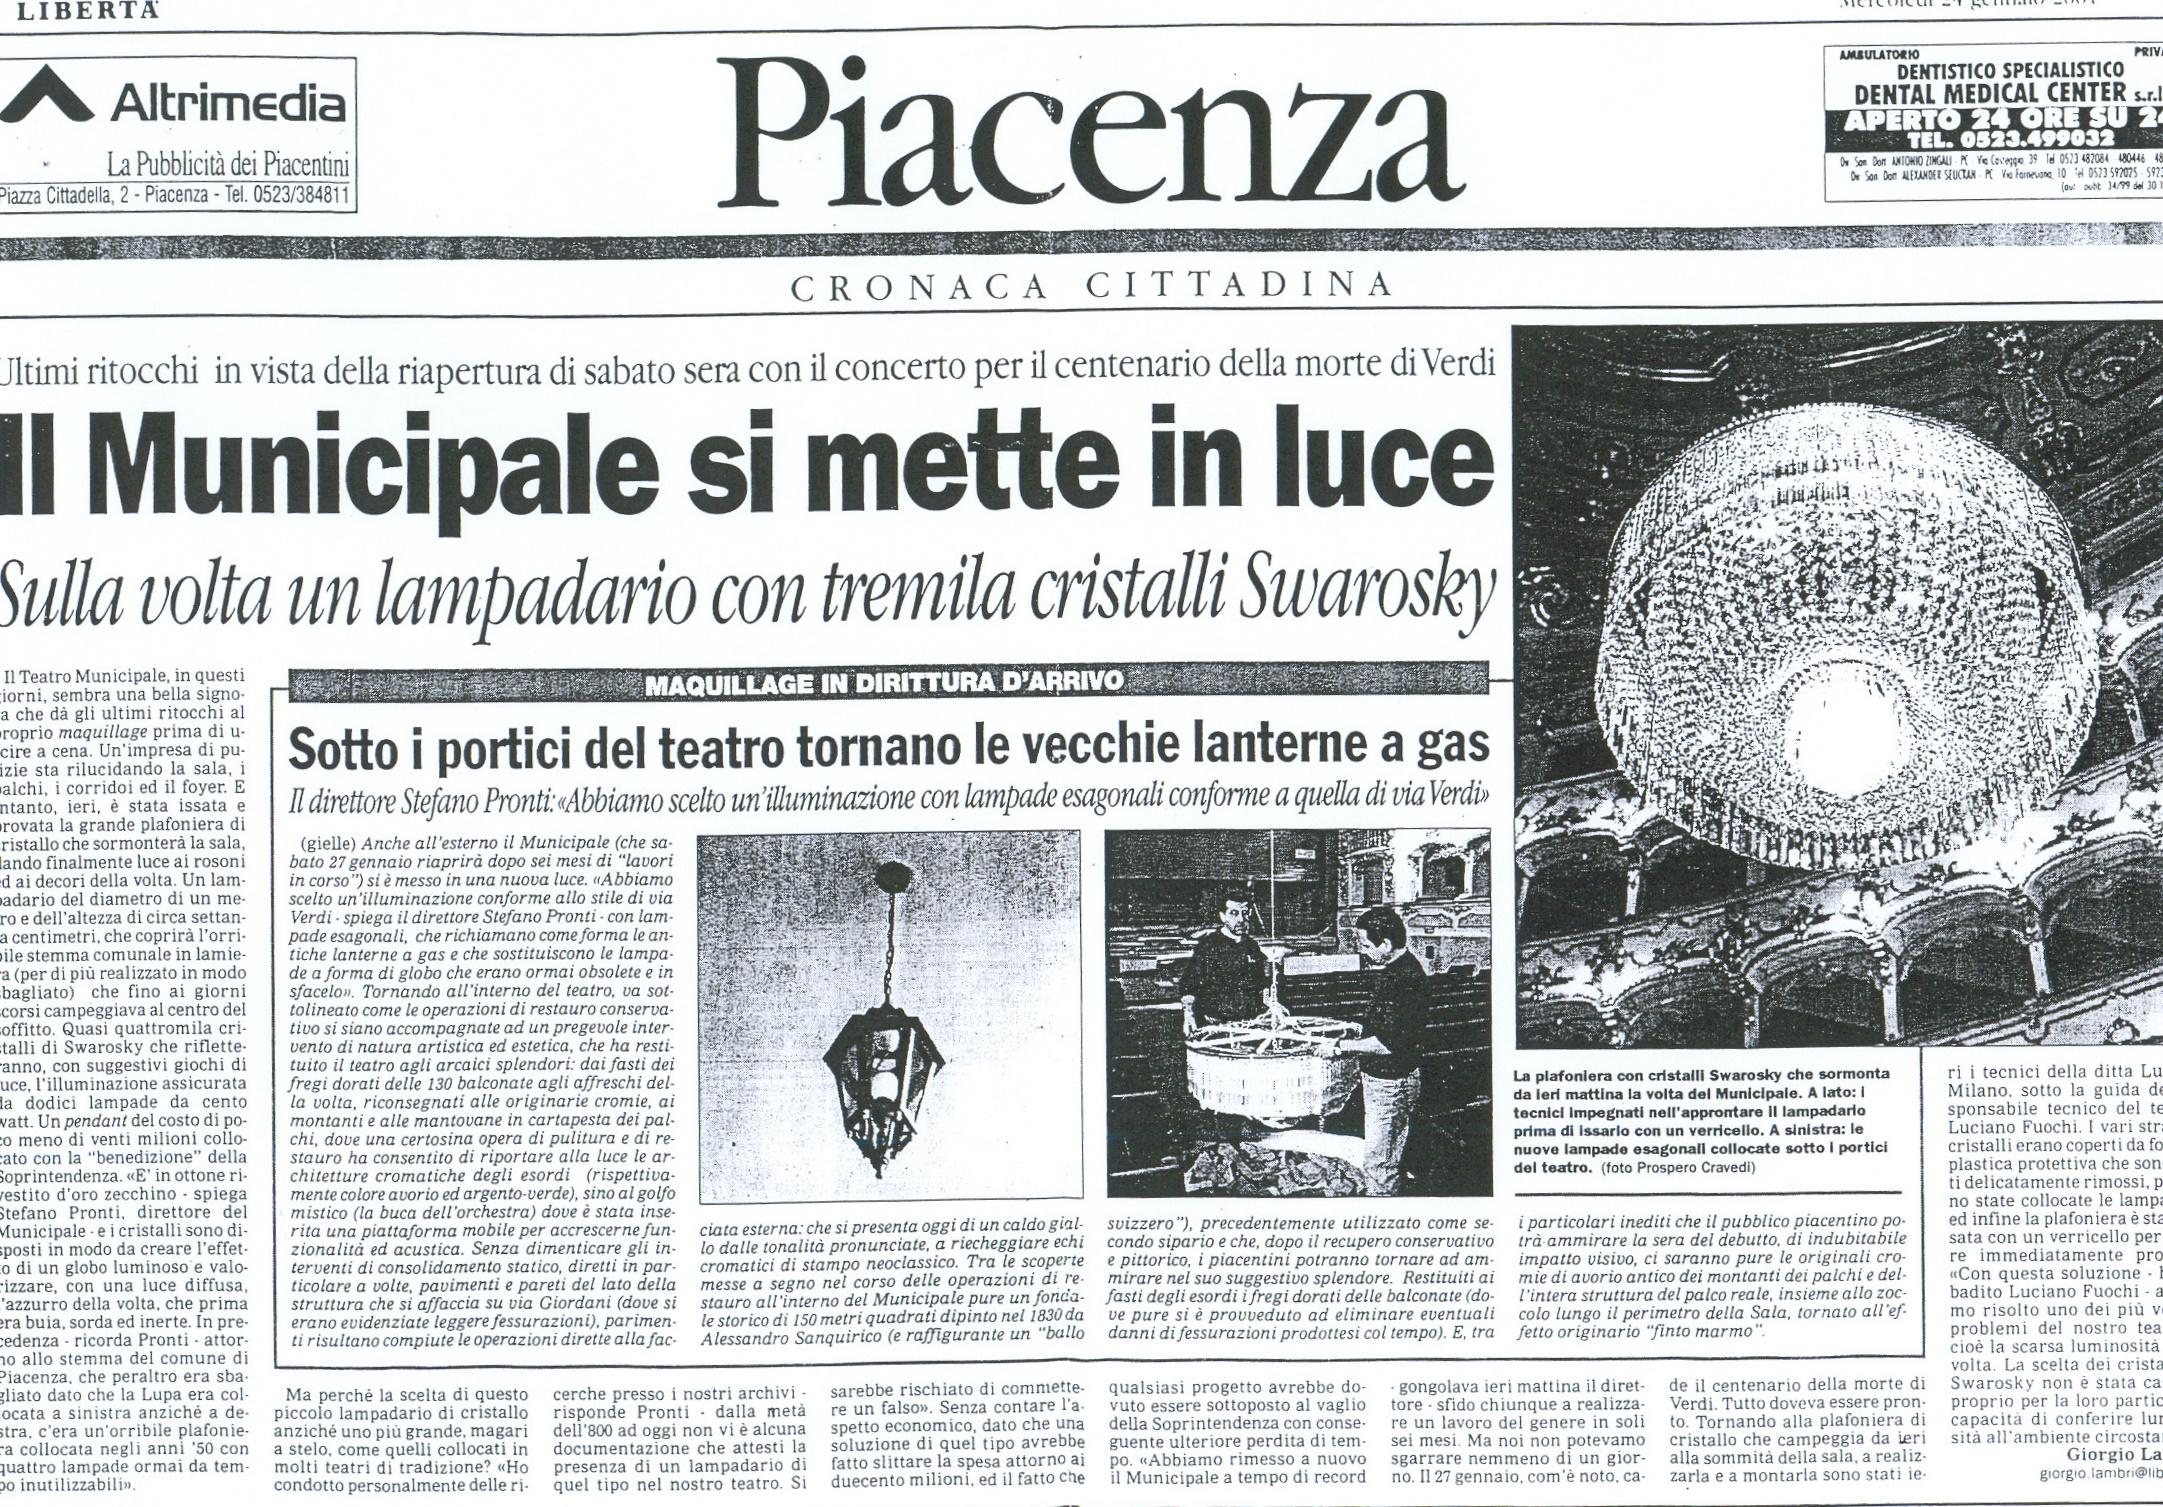 Teatro Municipale di Piacenza.4